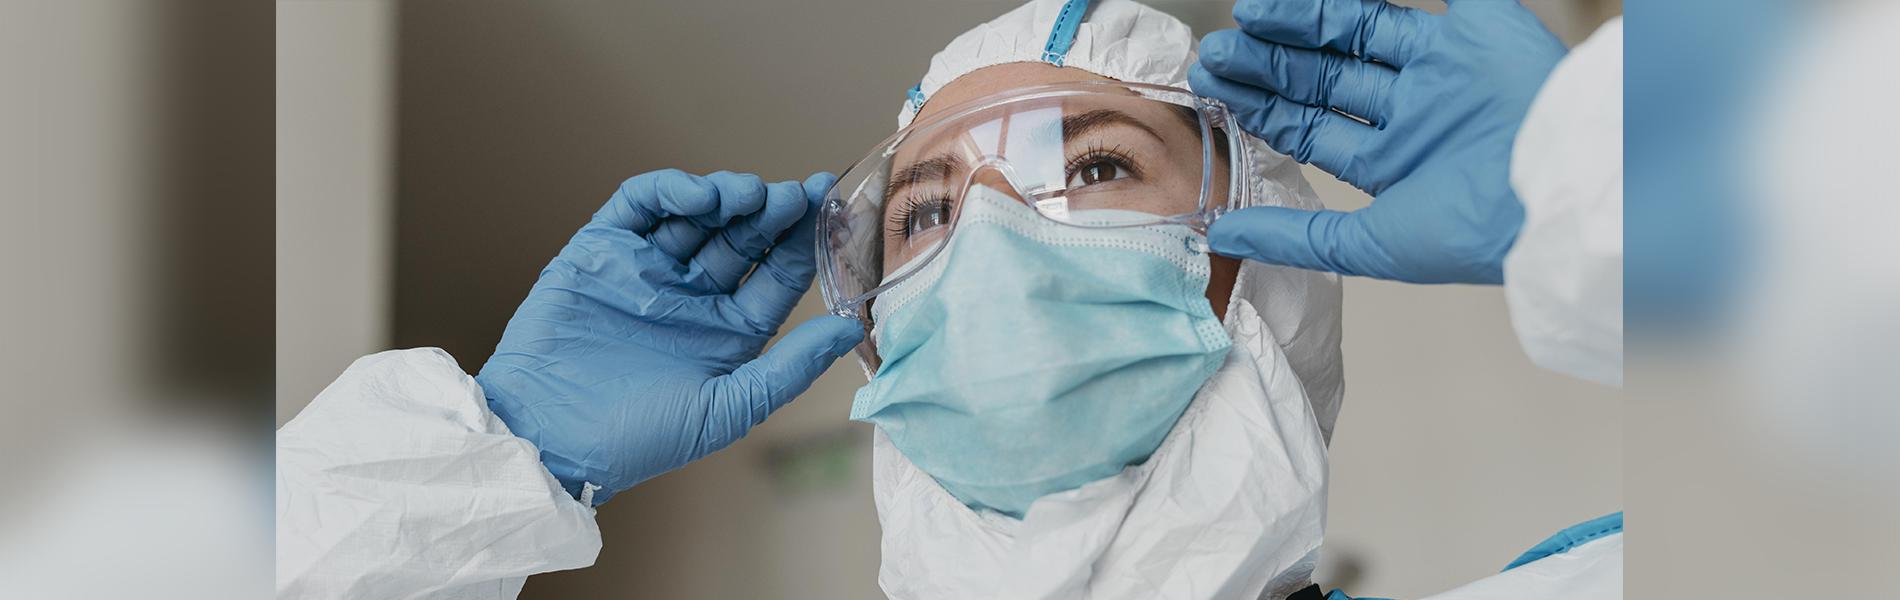 Médica de luvas colocando óculos de proteção